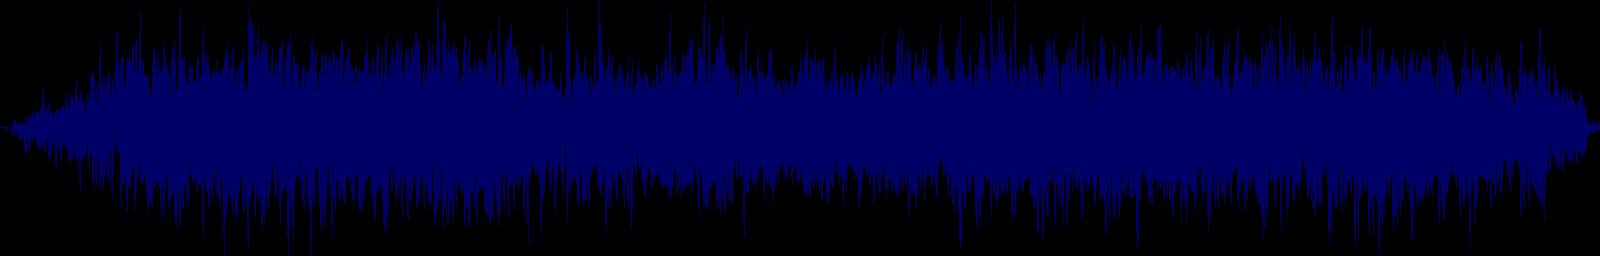 waveform of track #143992